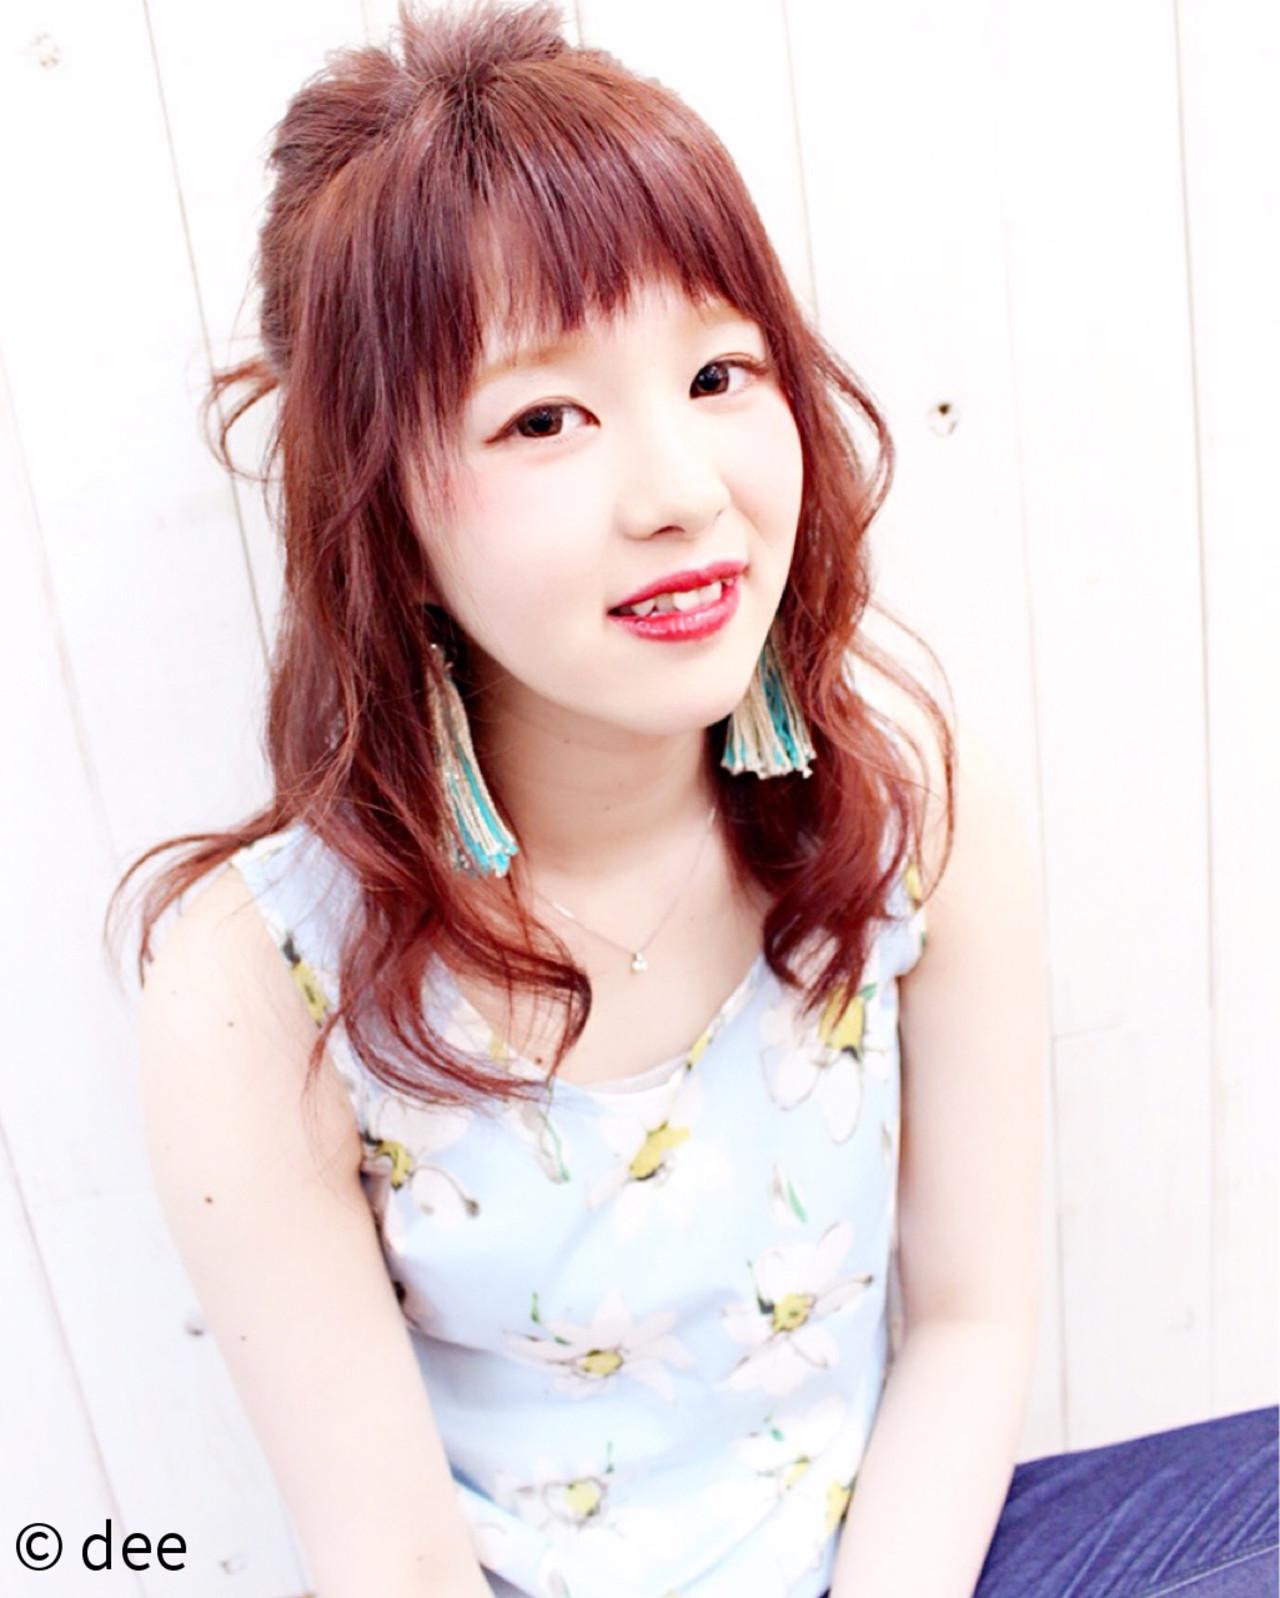 メッシーバン 外国人風 ナチュラル ピンク ヘアスタイルや髪型の写真・画像 | dee / dee